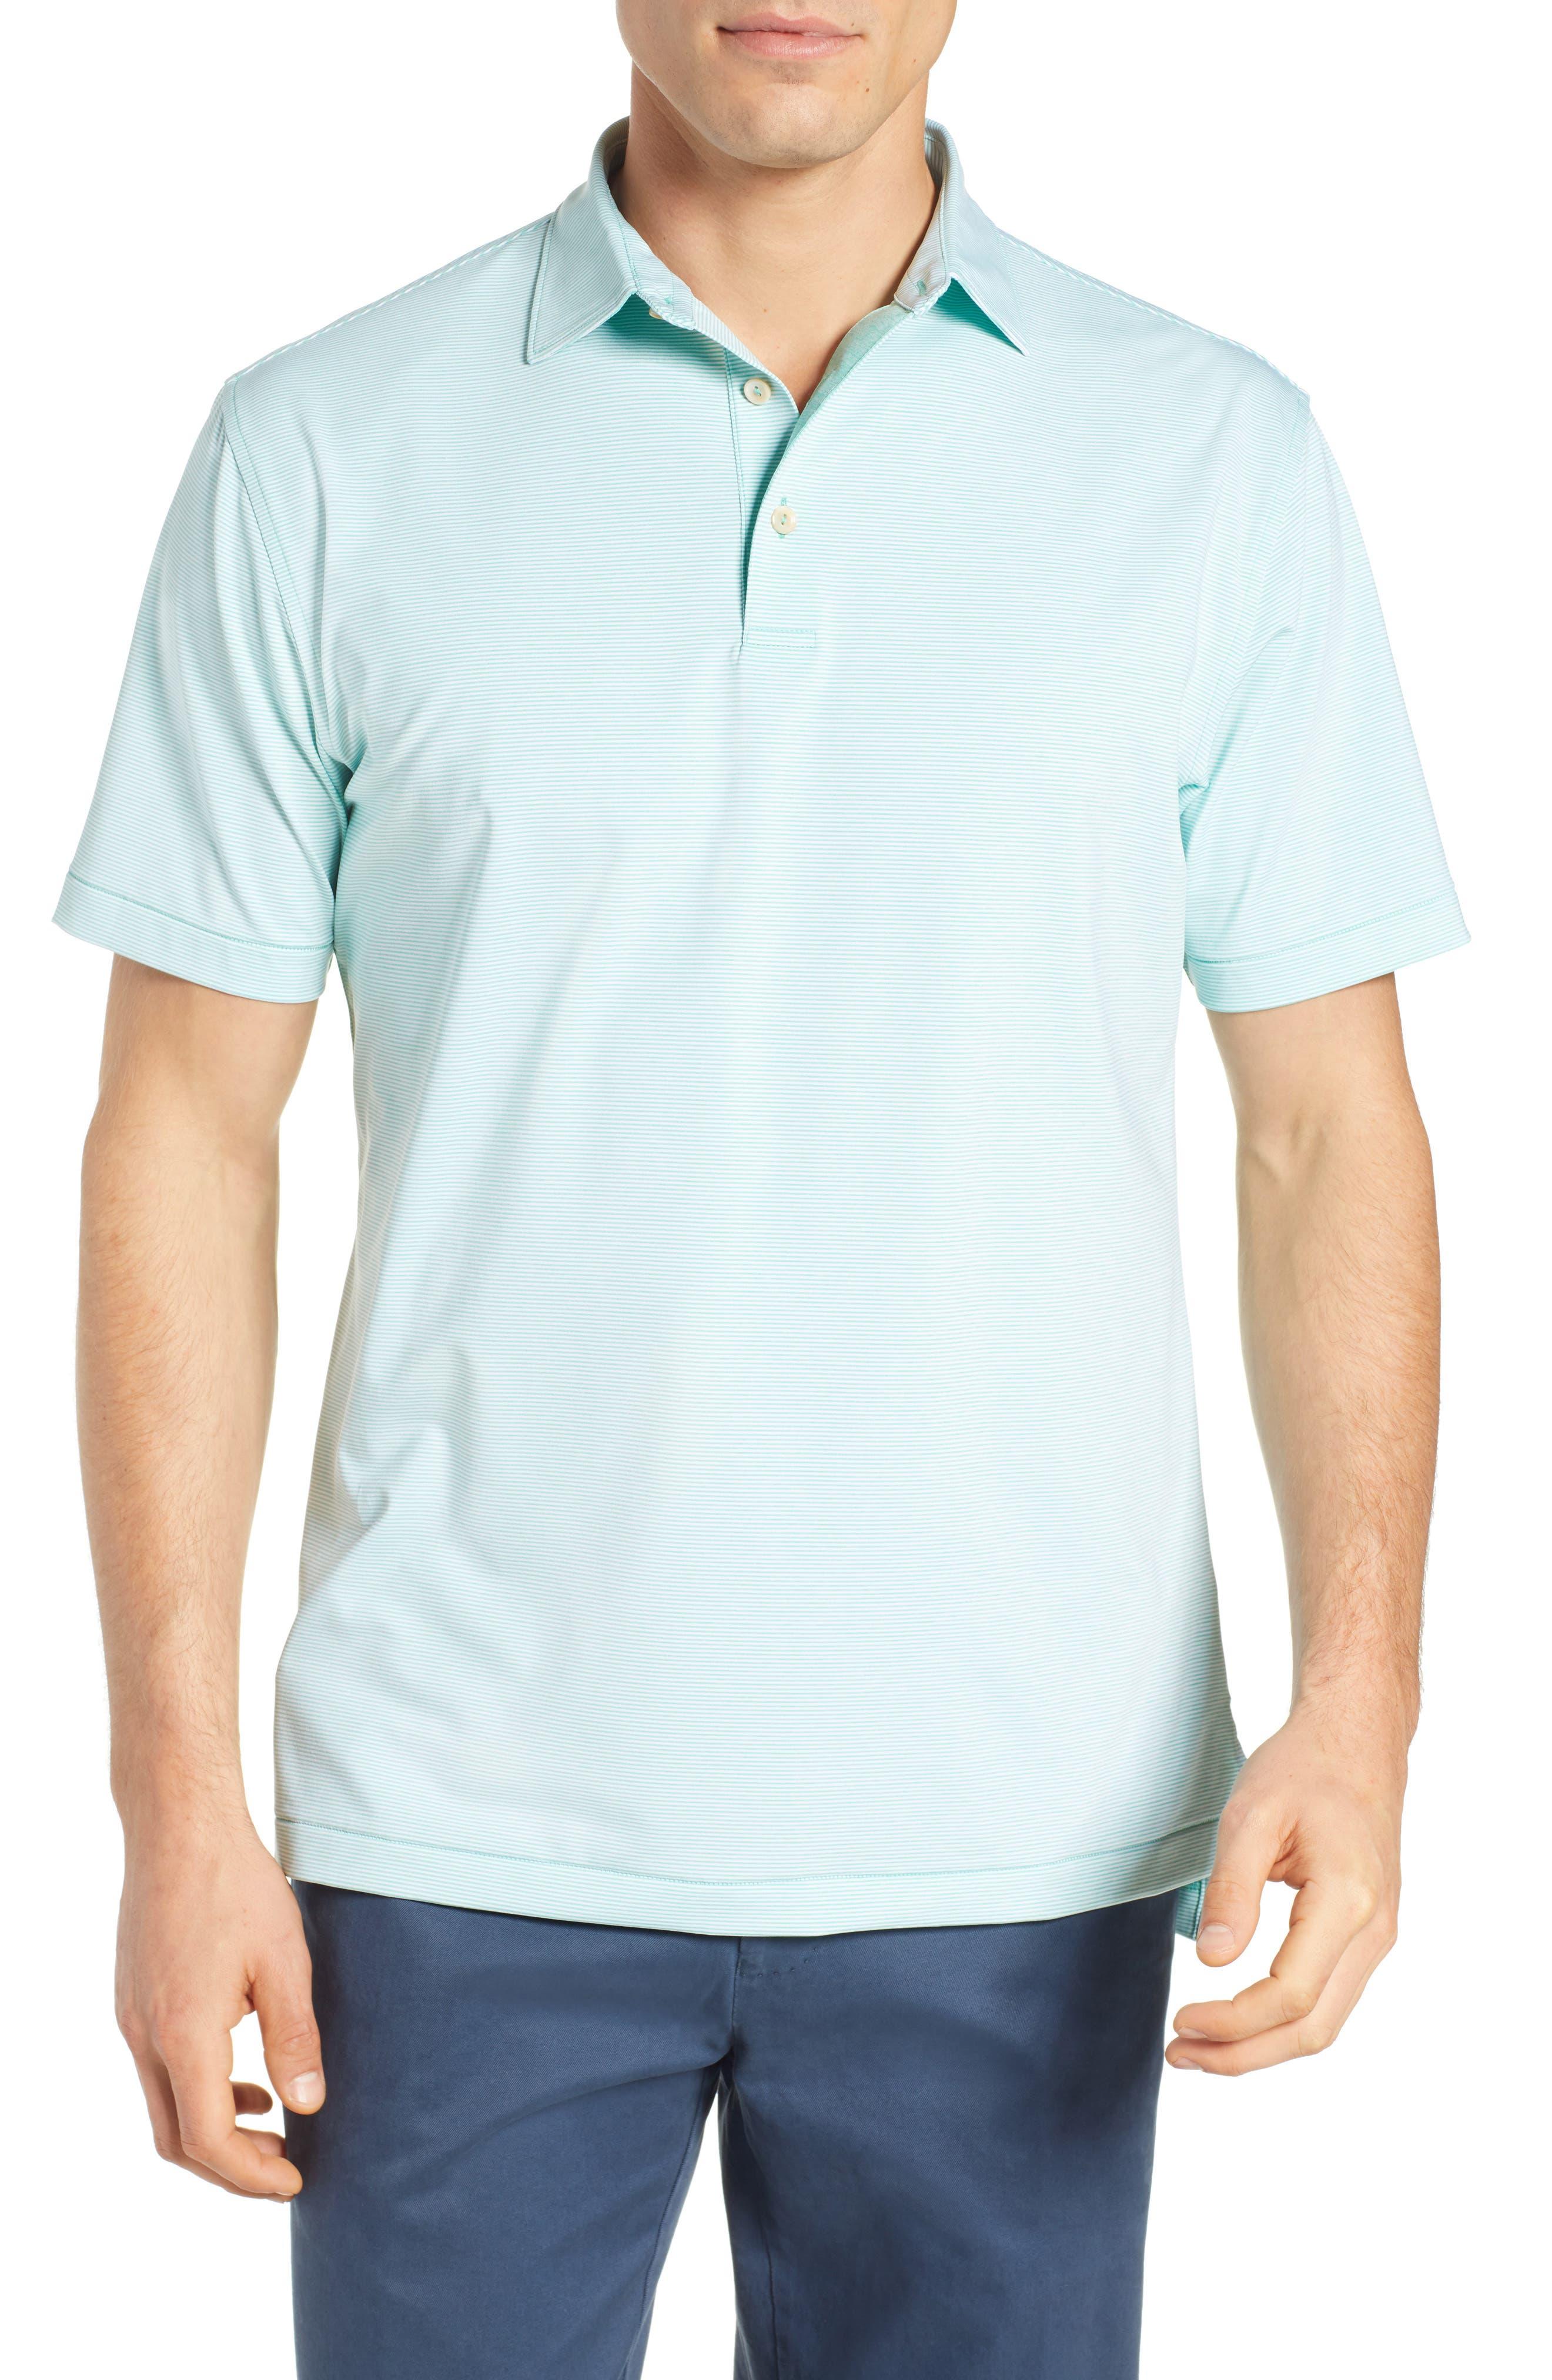 PETER MILLAR, Jubilee Stripe Jersey Polo, Main thumbnail 1, color, MEADOW